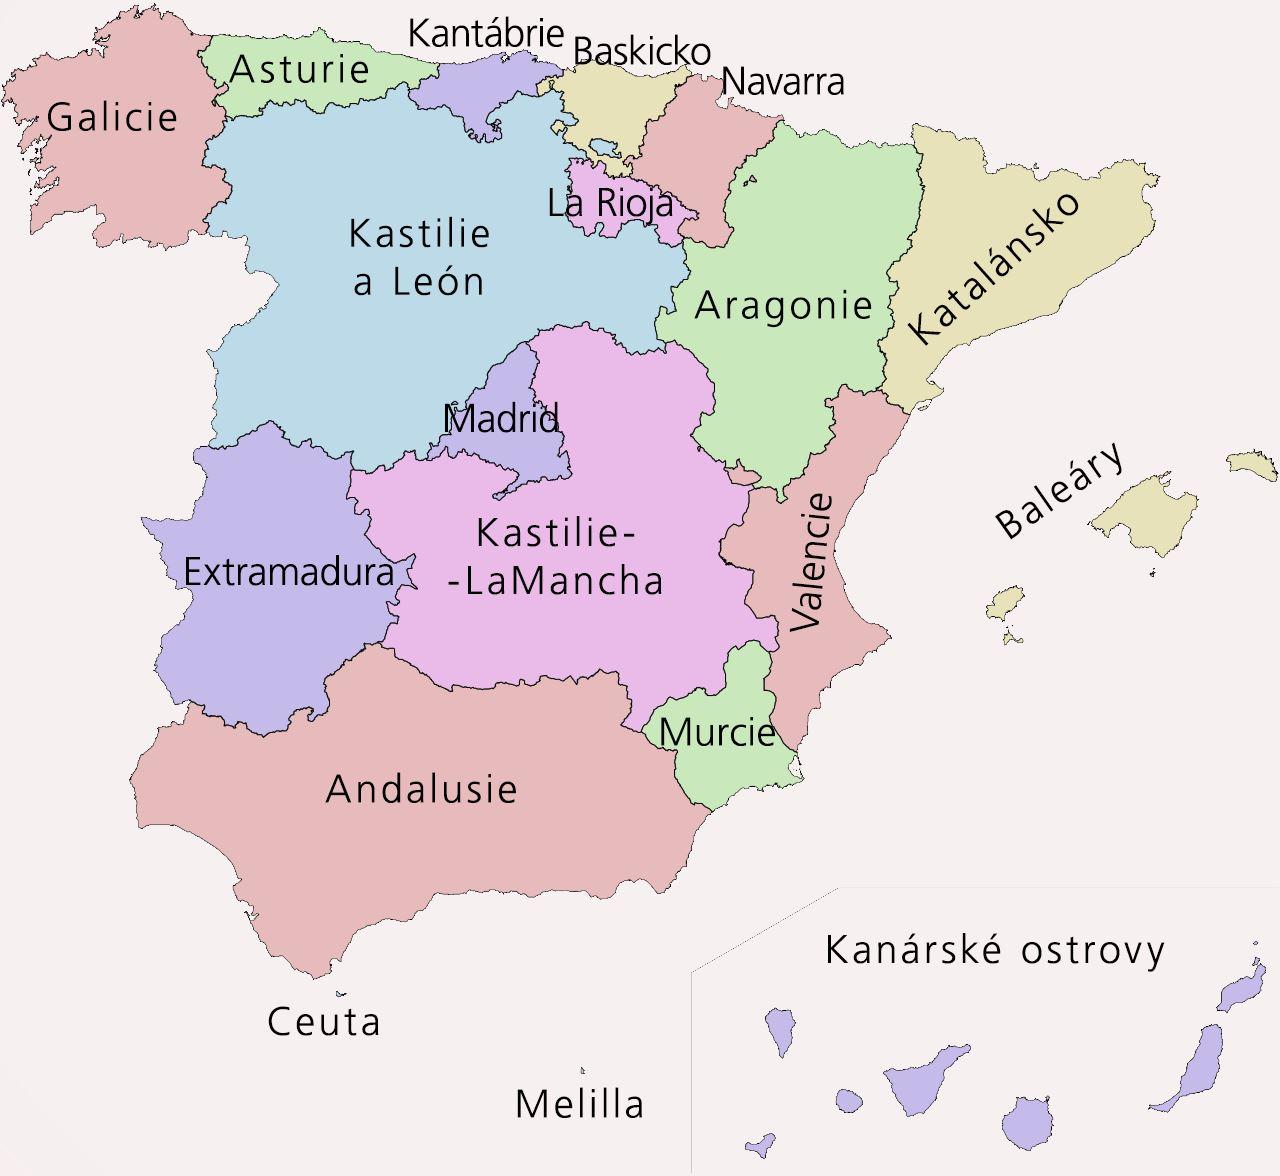 Regionální členění Španělska